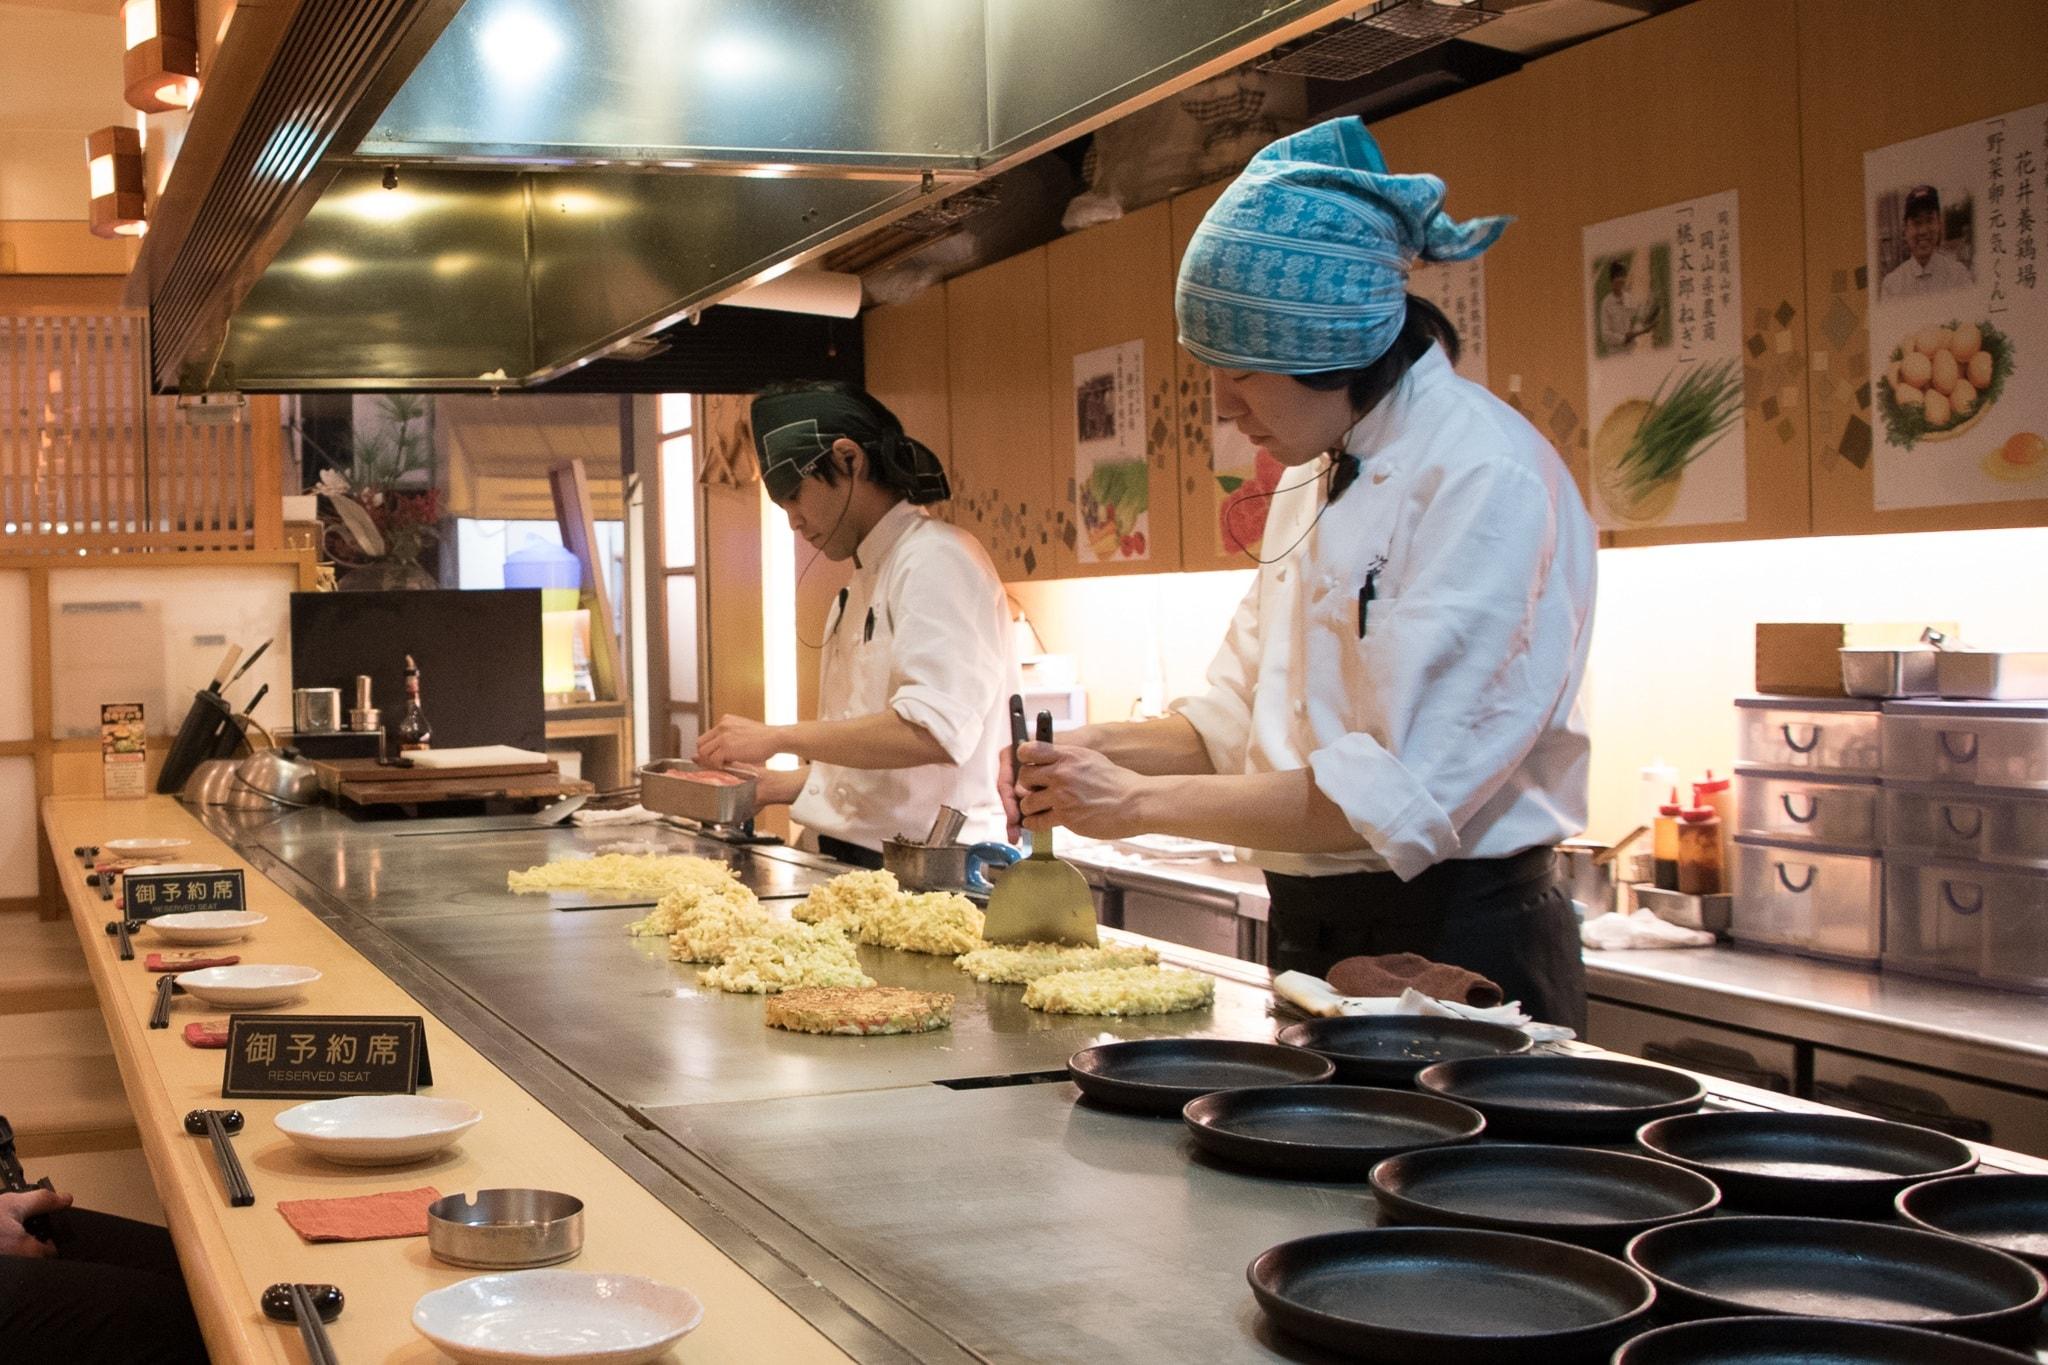 В Японии растёт популярность услуг по вызову шеф-повара на дом